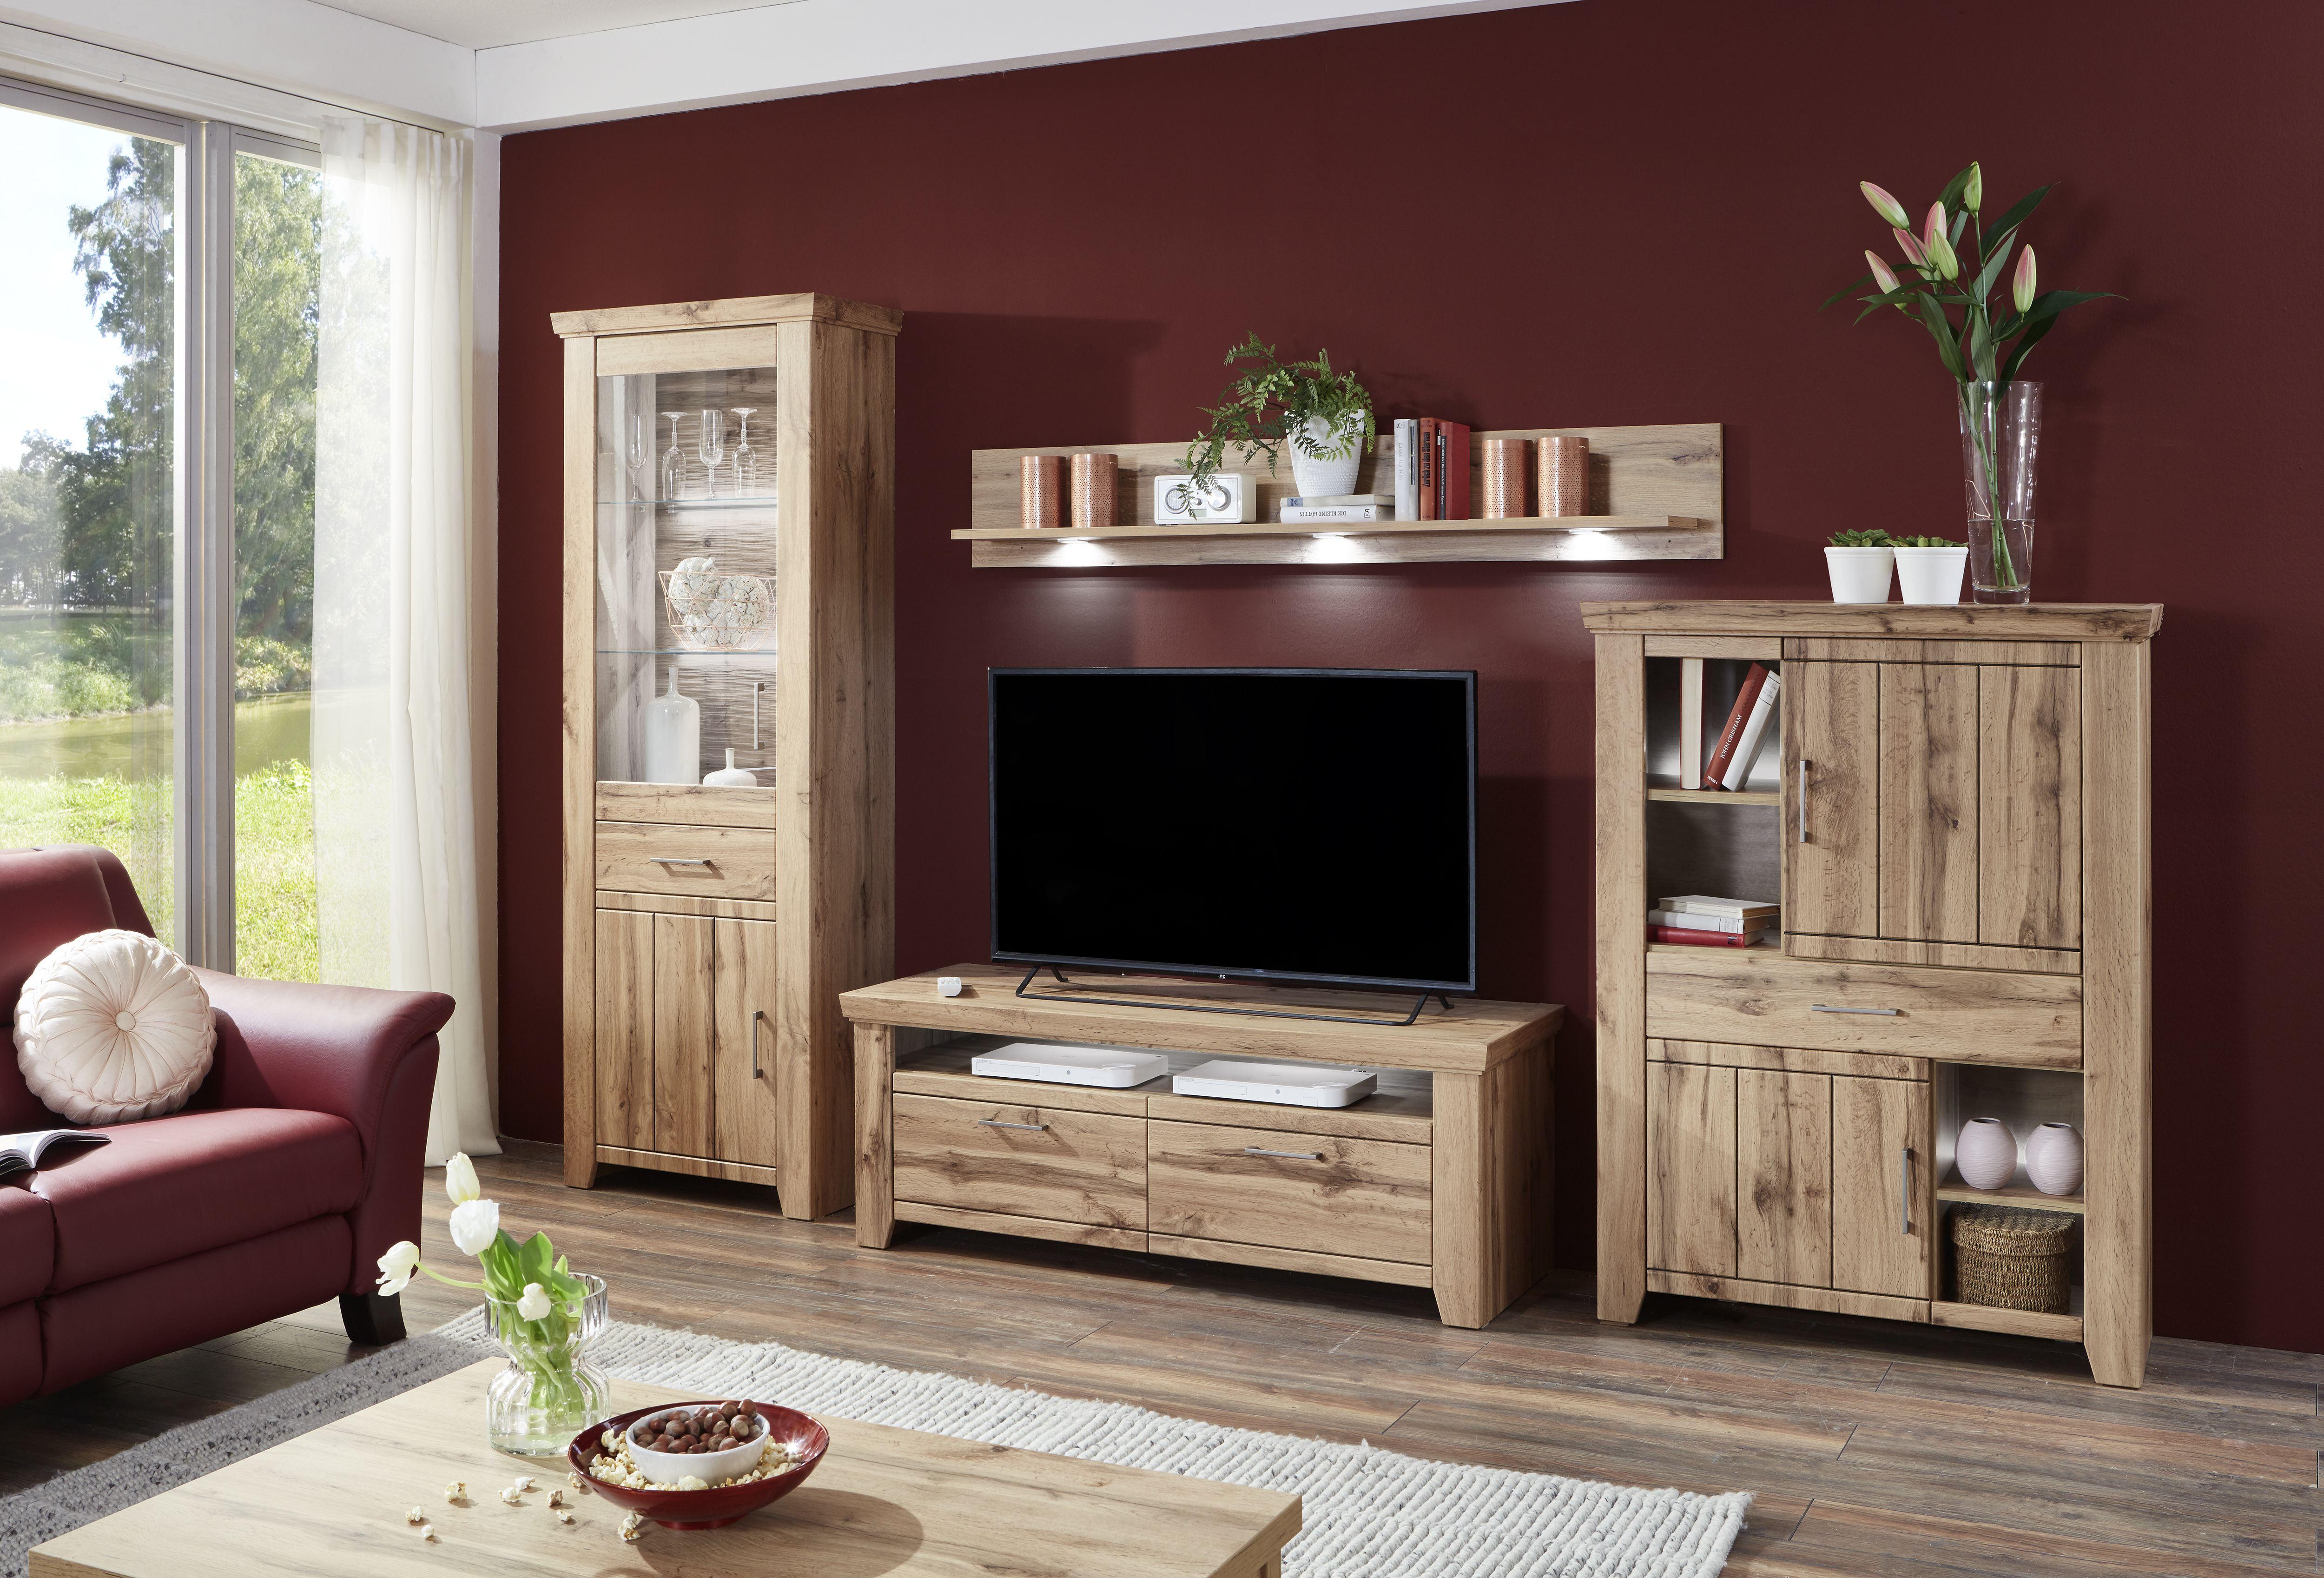 ideal mobel wohnwand stromberg 4 teilig mit vitrine unterteil fur tv highboard und wandpaneel